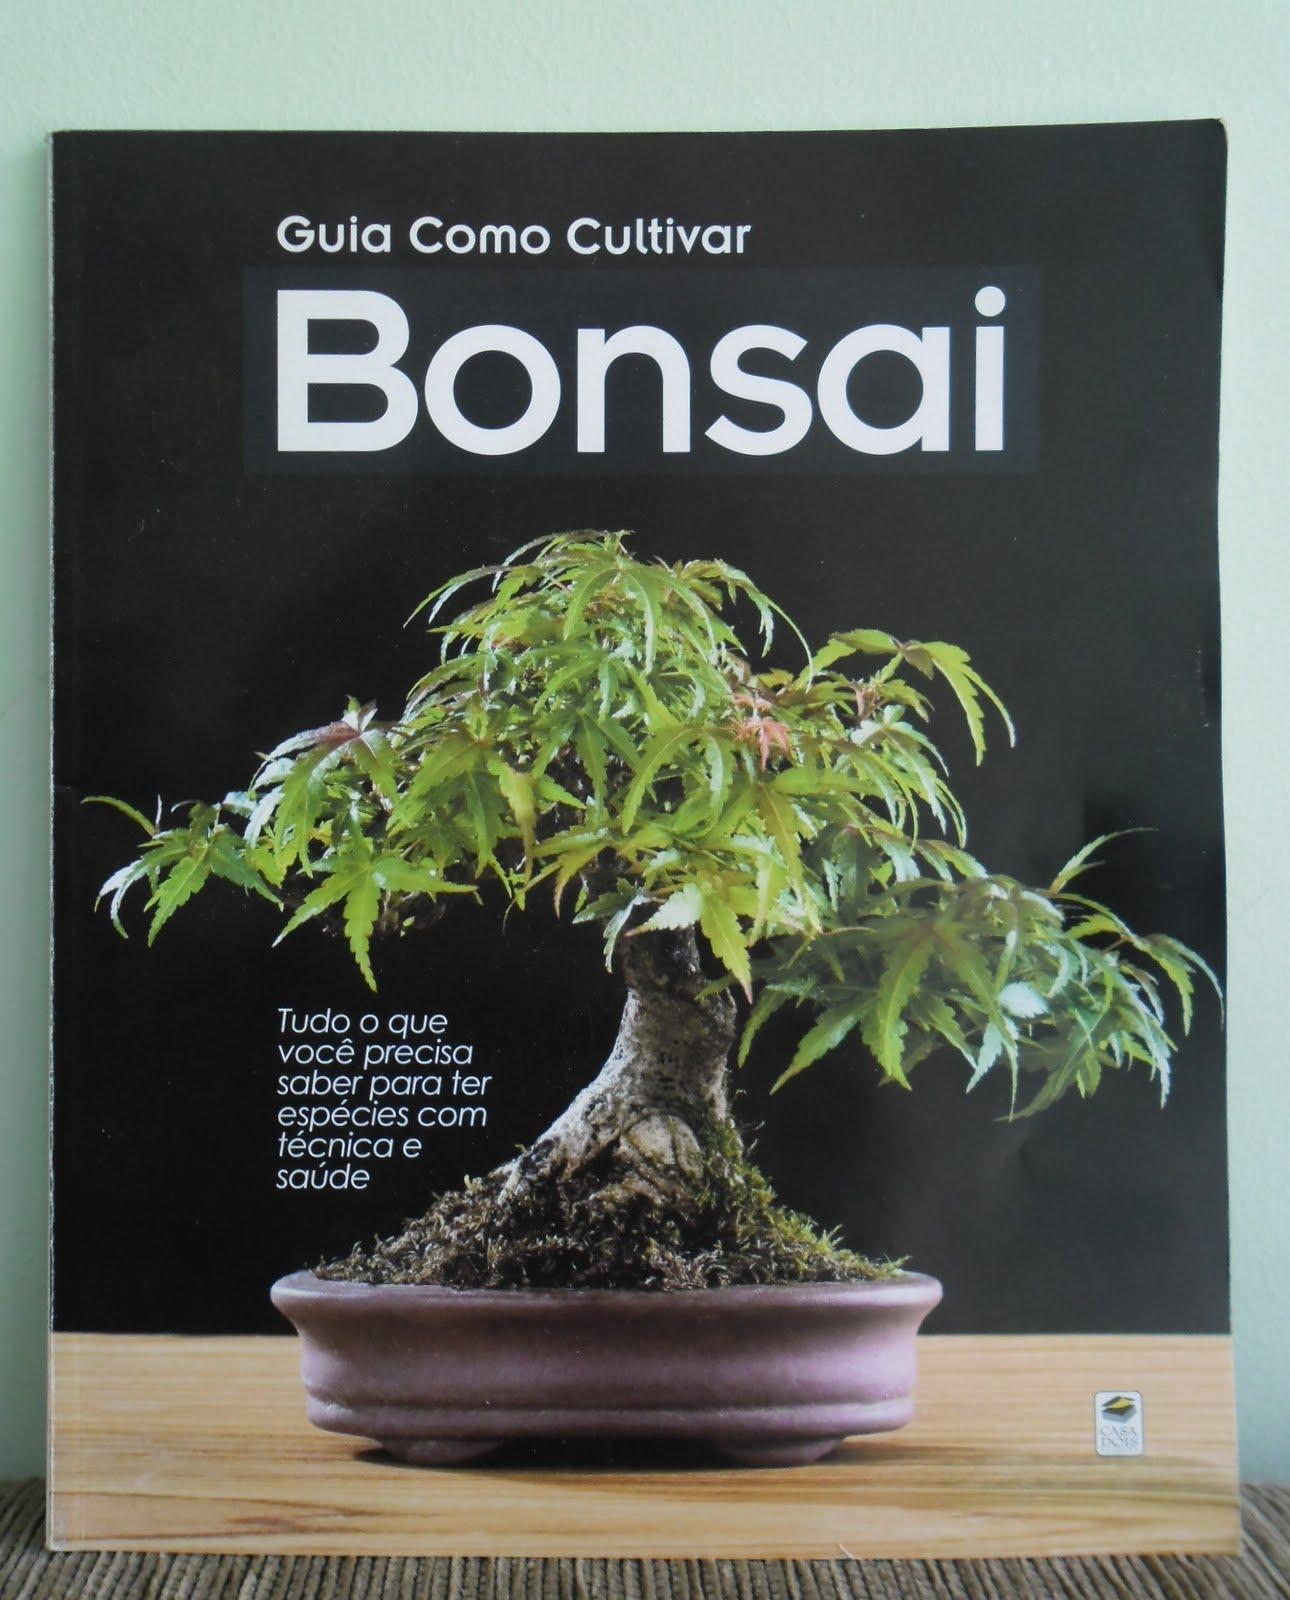 Mundo das plantas guia como cultivar bonsai revista tima for Como cultivar bonsais